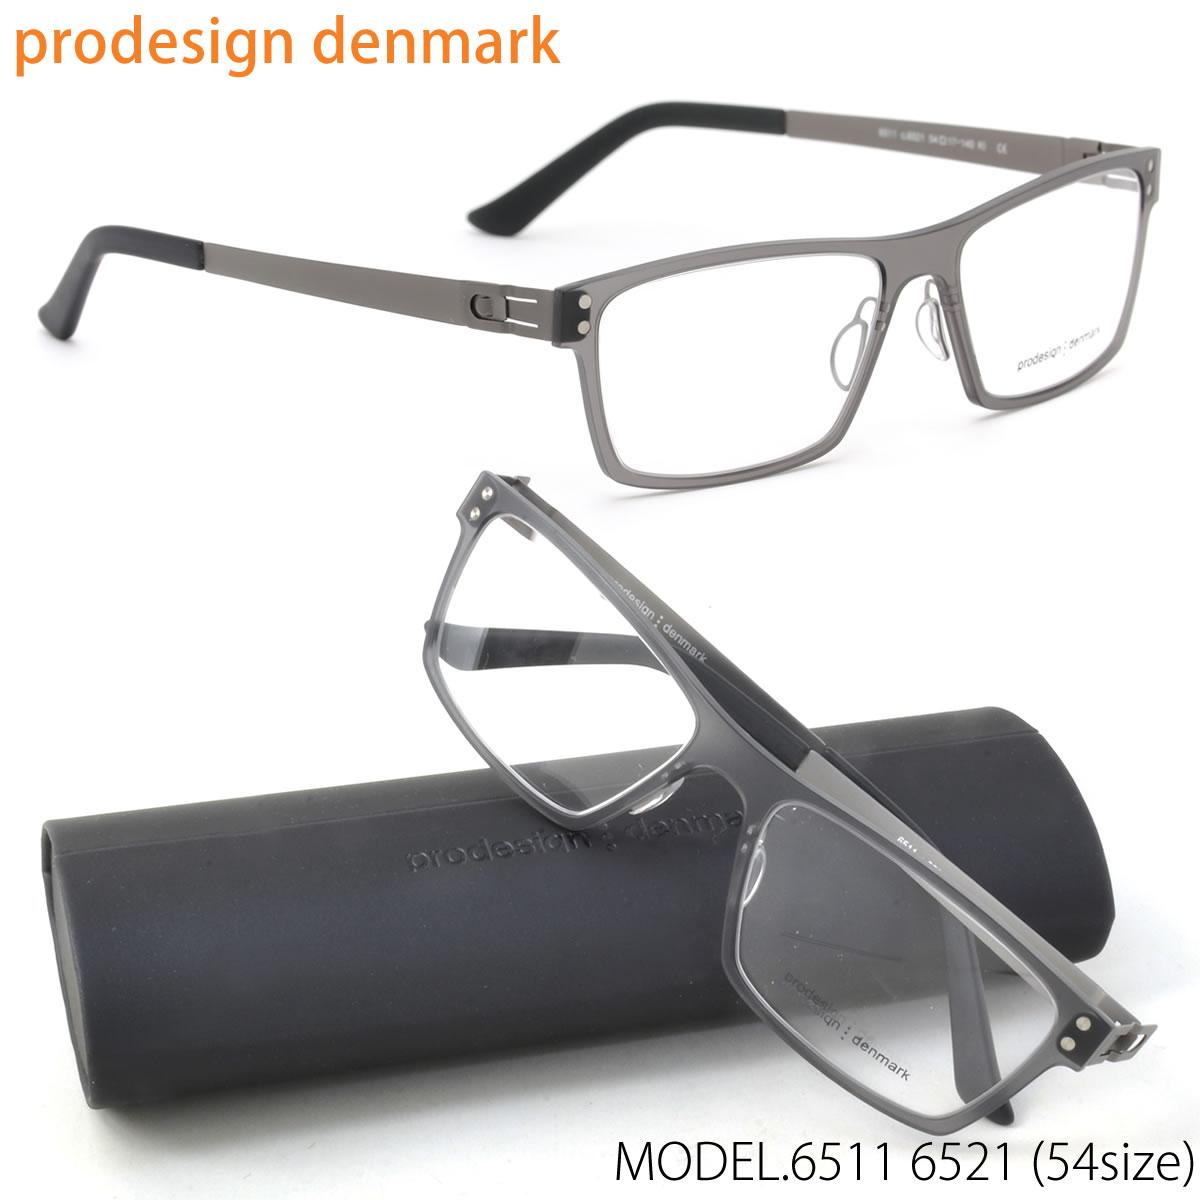 ほぼ全品ポイント15倍~最大43倍+3倍!お得なクーポンも! prodesign:denmark(プロデザインデンマーク) メガネ フレーム 6511 6521 54 ステンレス 北欧 シートメタル スクエア ナイロール 伊達メガネレンズ無料